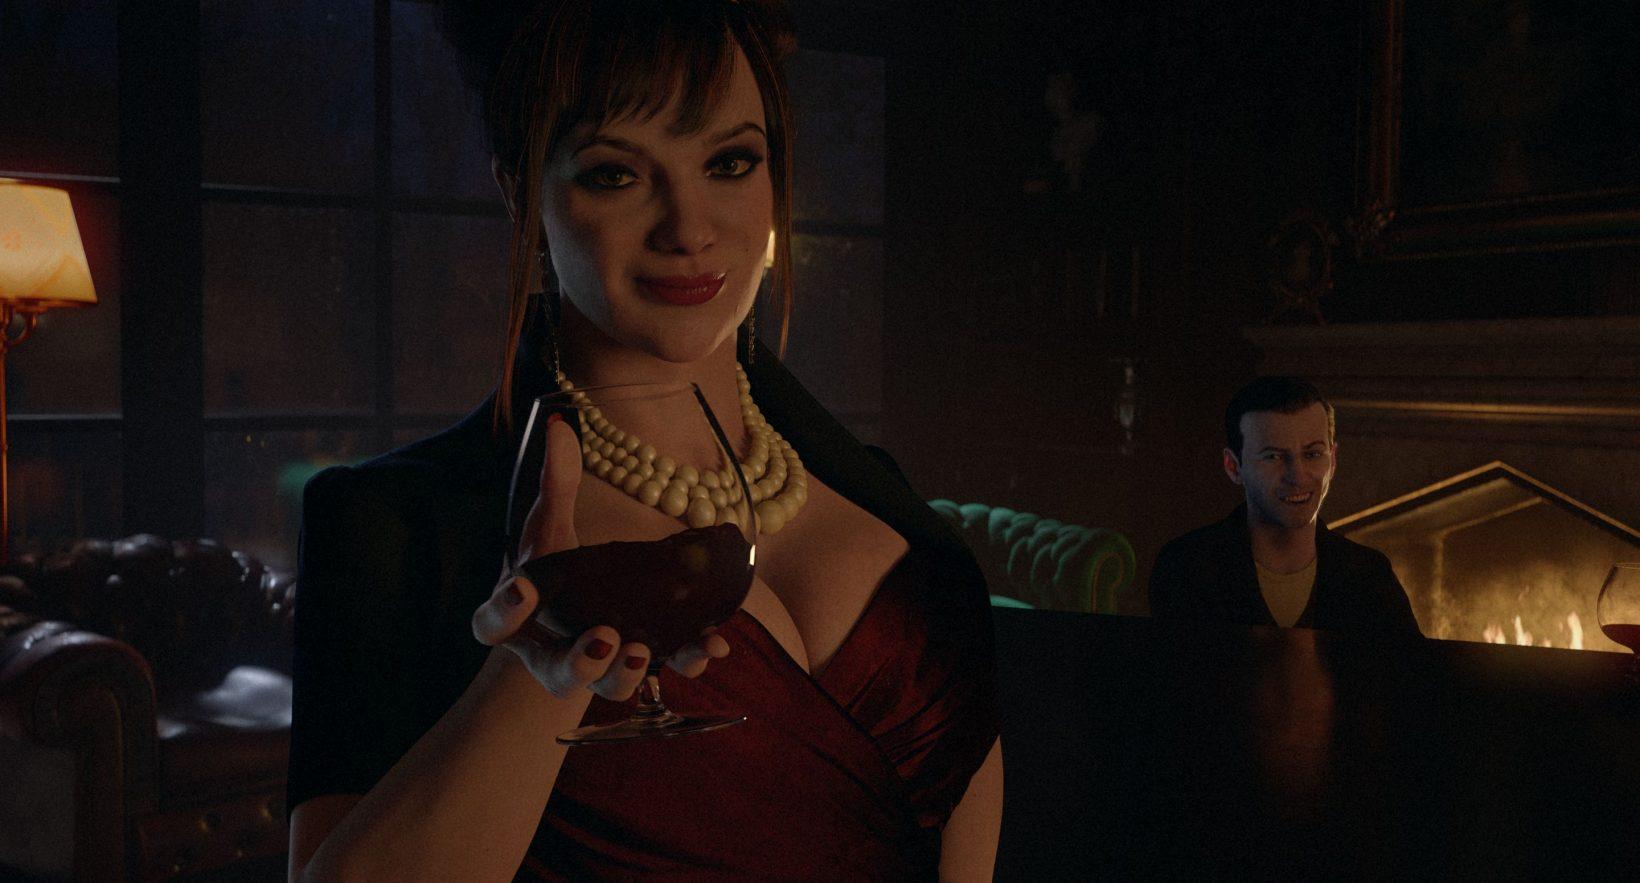 Vampire the masquerade one shot